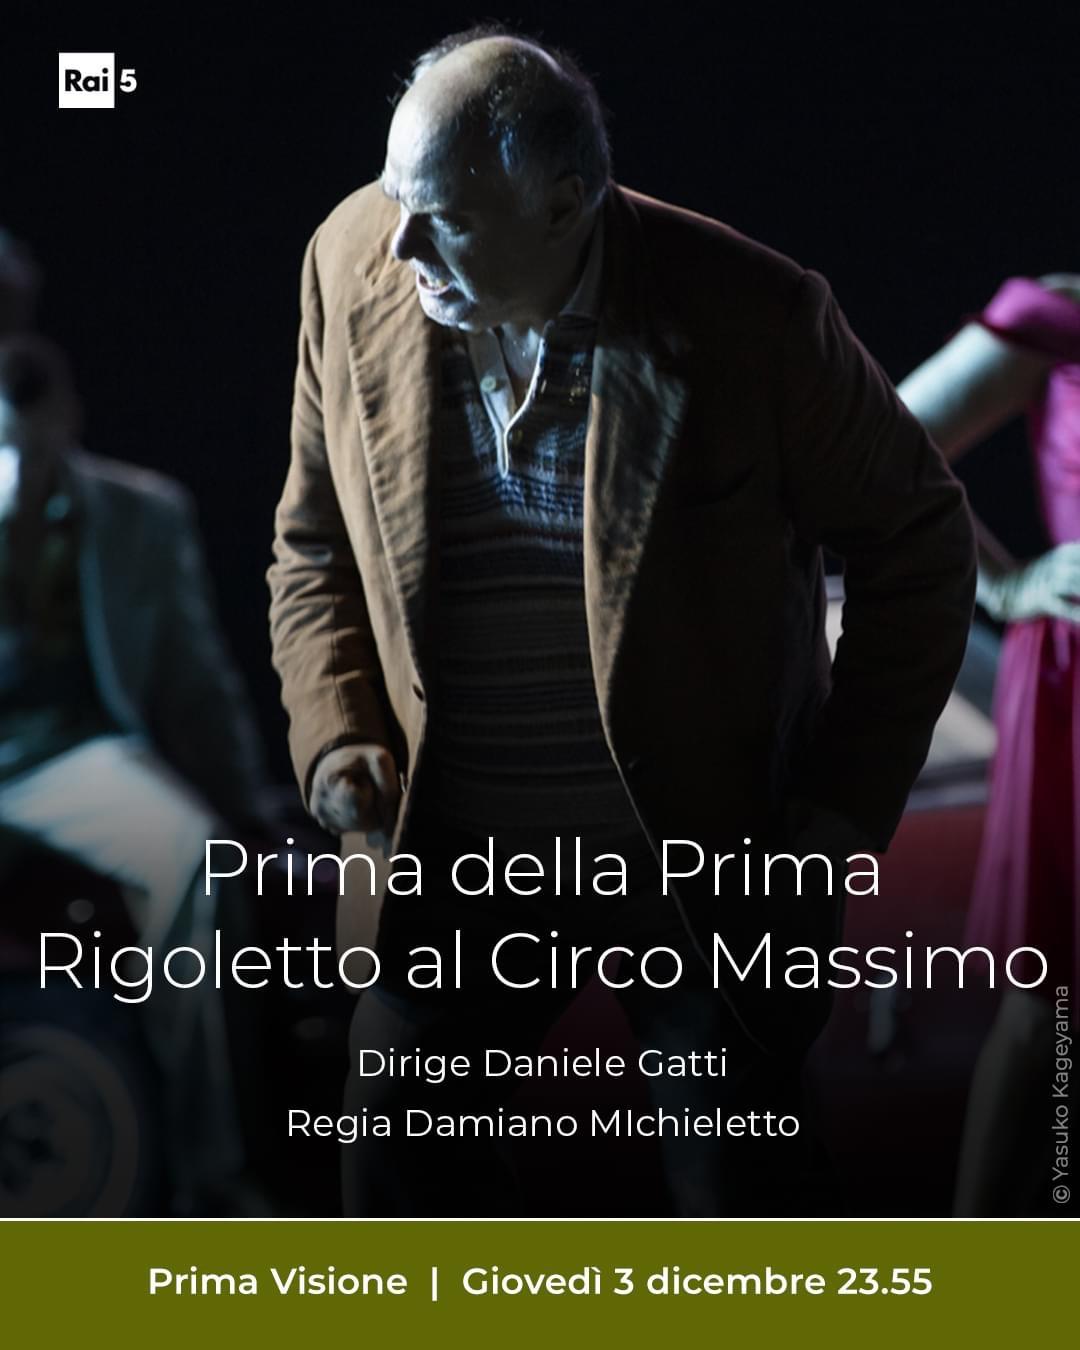 Rigoletto al Circo Massimo-Prima della Prima-RAI 5